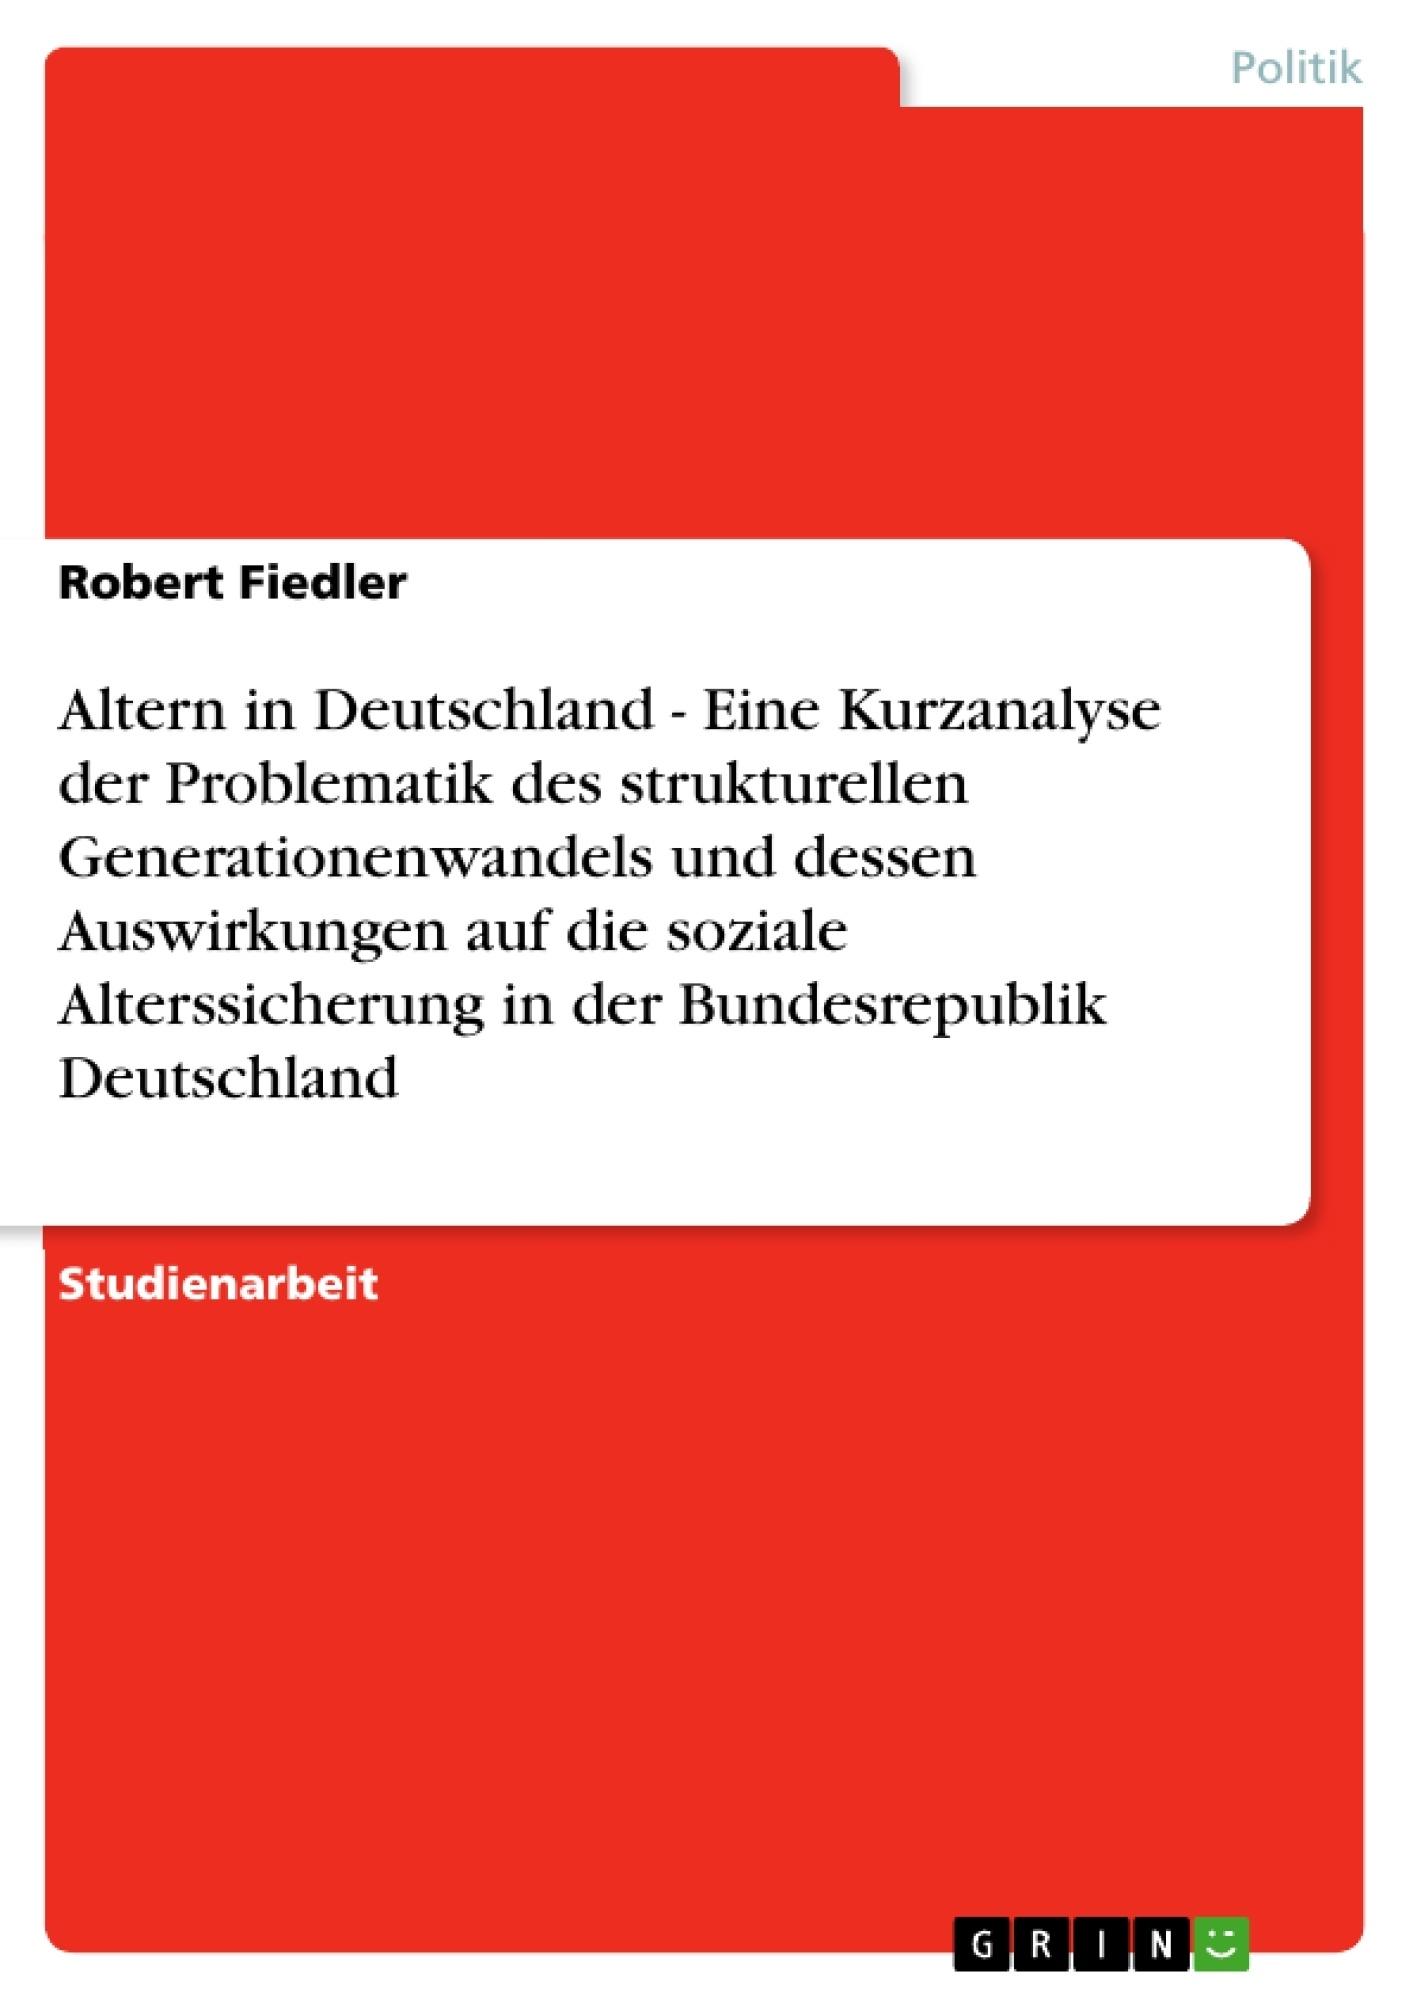 Titel: Altern in Deutschland - Eine Kurzanalyse der Problematik des strukturellen Generationenwandels und dessen Auswirkungen auf die soziale Alterssicherung in der Bundesrepublik Deutschland